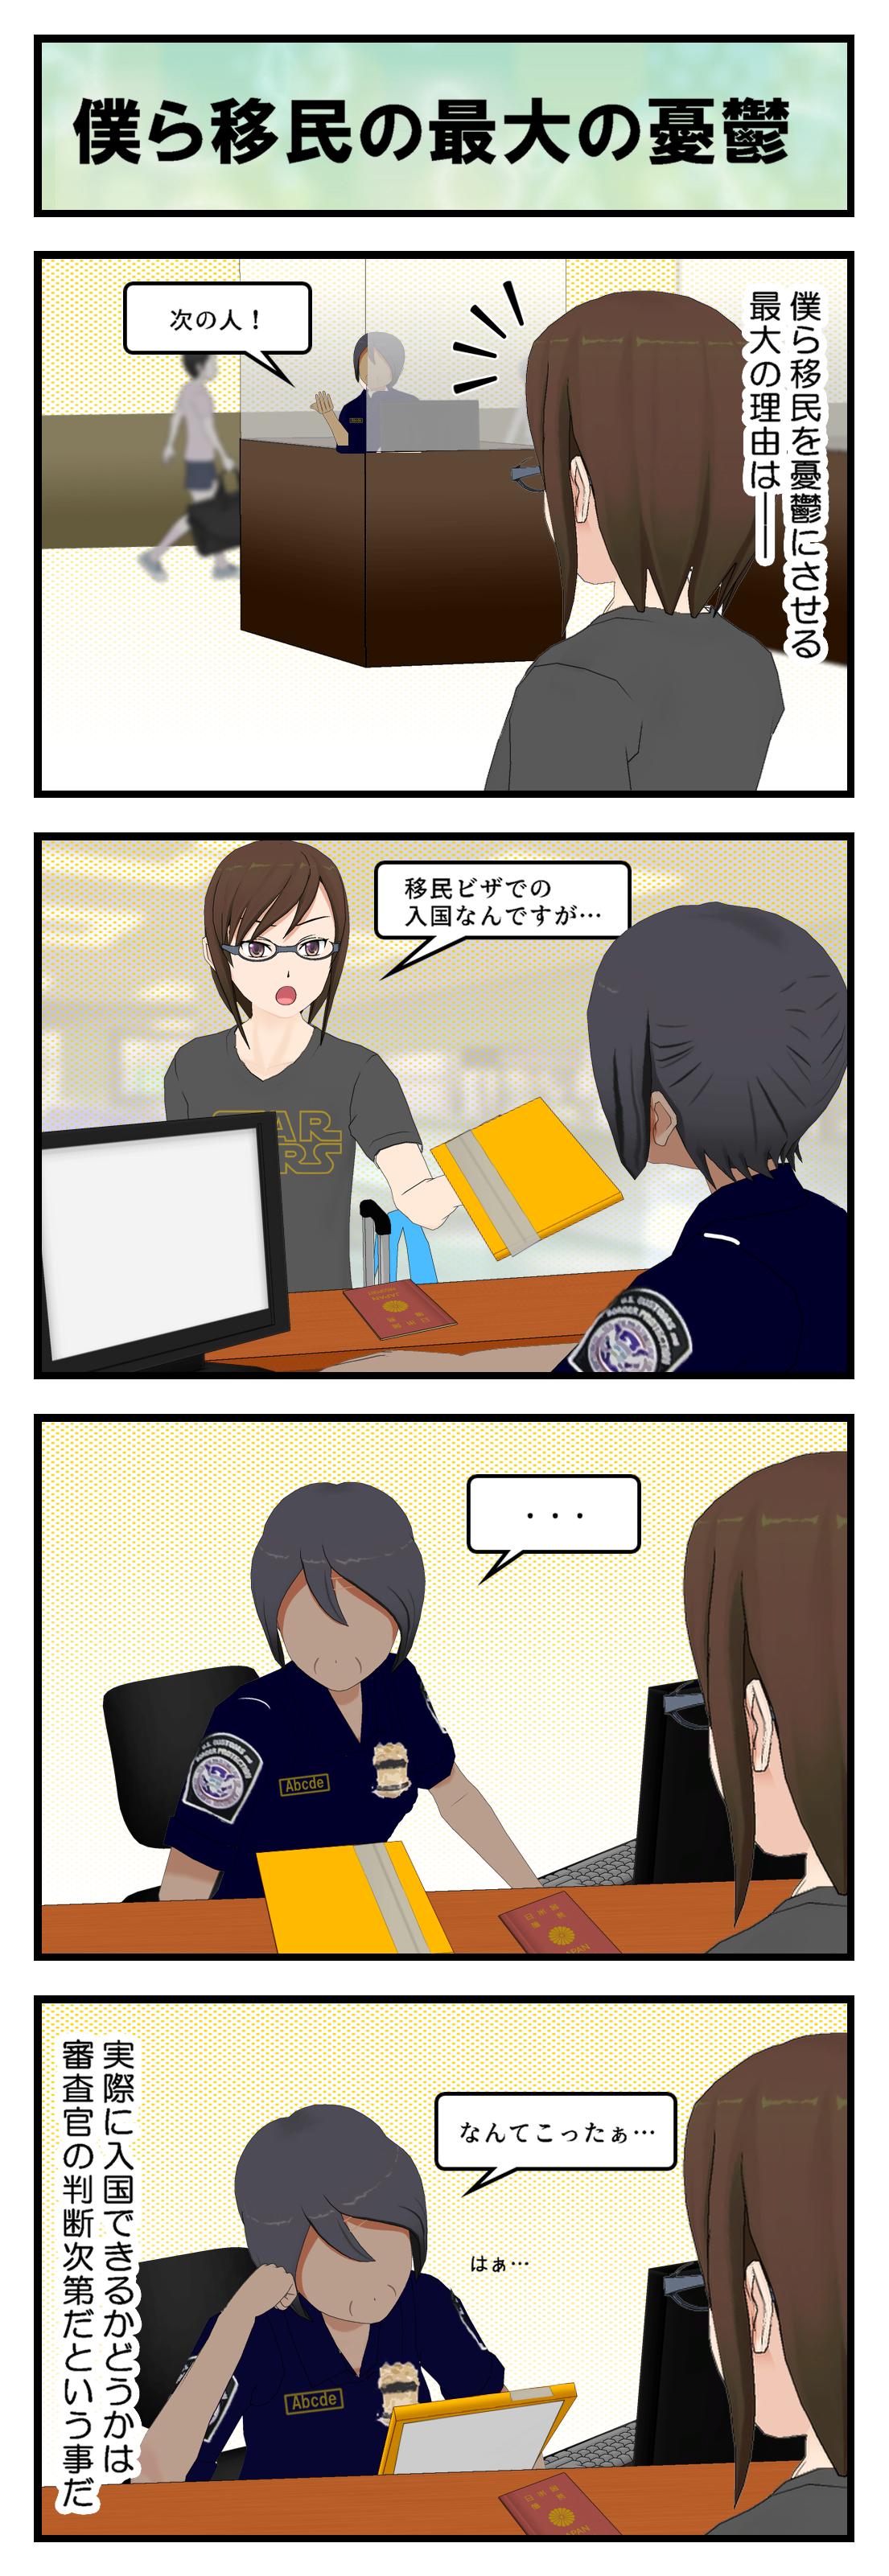 R003_最大の憂鬱_001